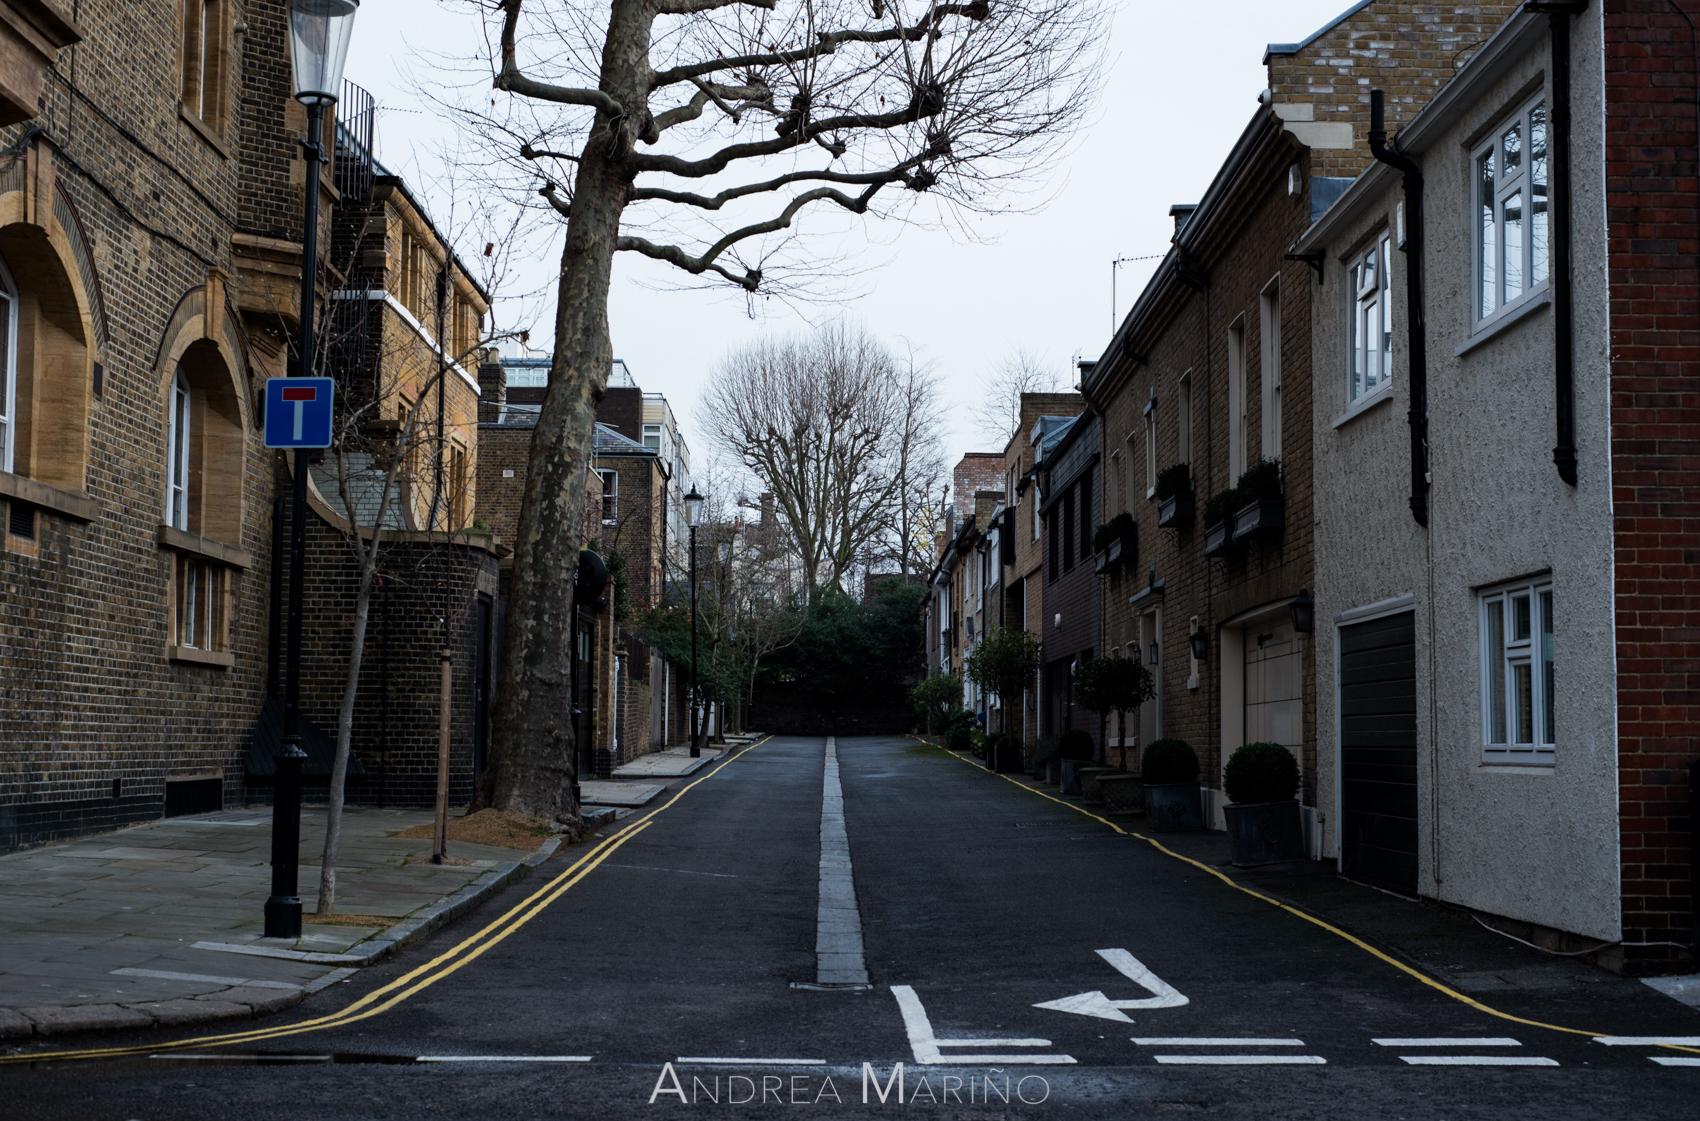 Andrea Mariño. Londres fan de Wes Anderson. 2016